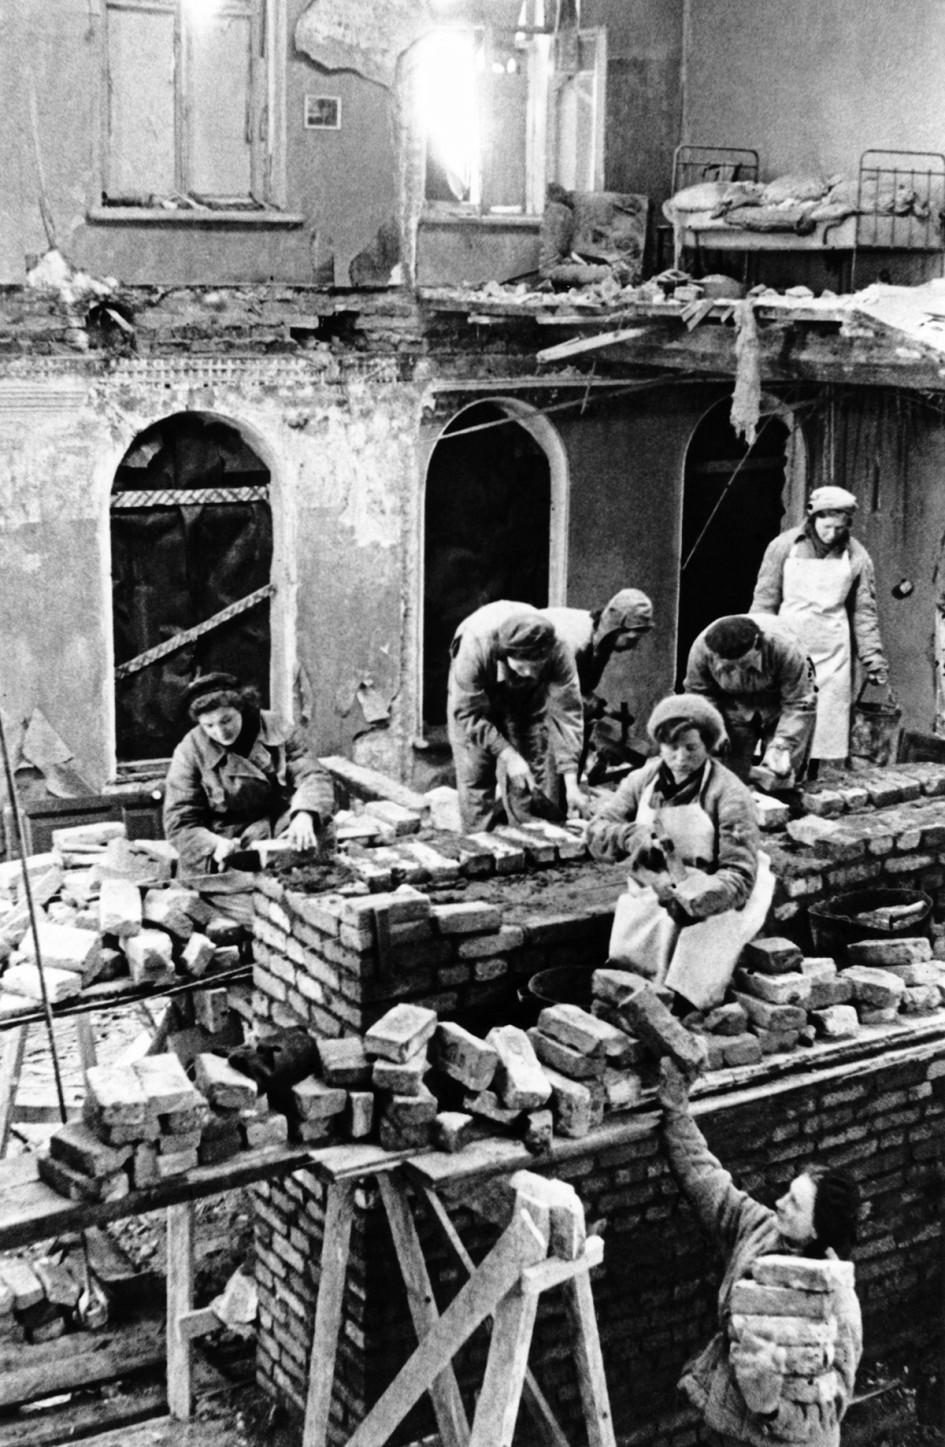 Бригада строителей Дзержинского района Ленинграда ремонтирует дом № 16 в Саперном переулке, пострадавший от артиллерийского обстрела. 1944 год